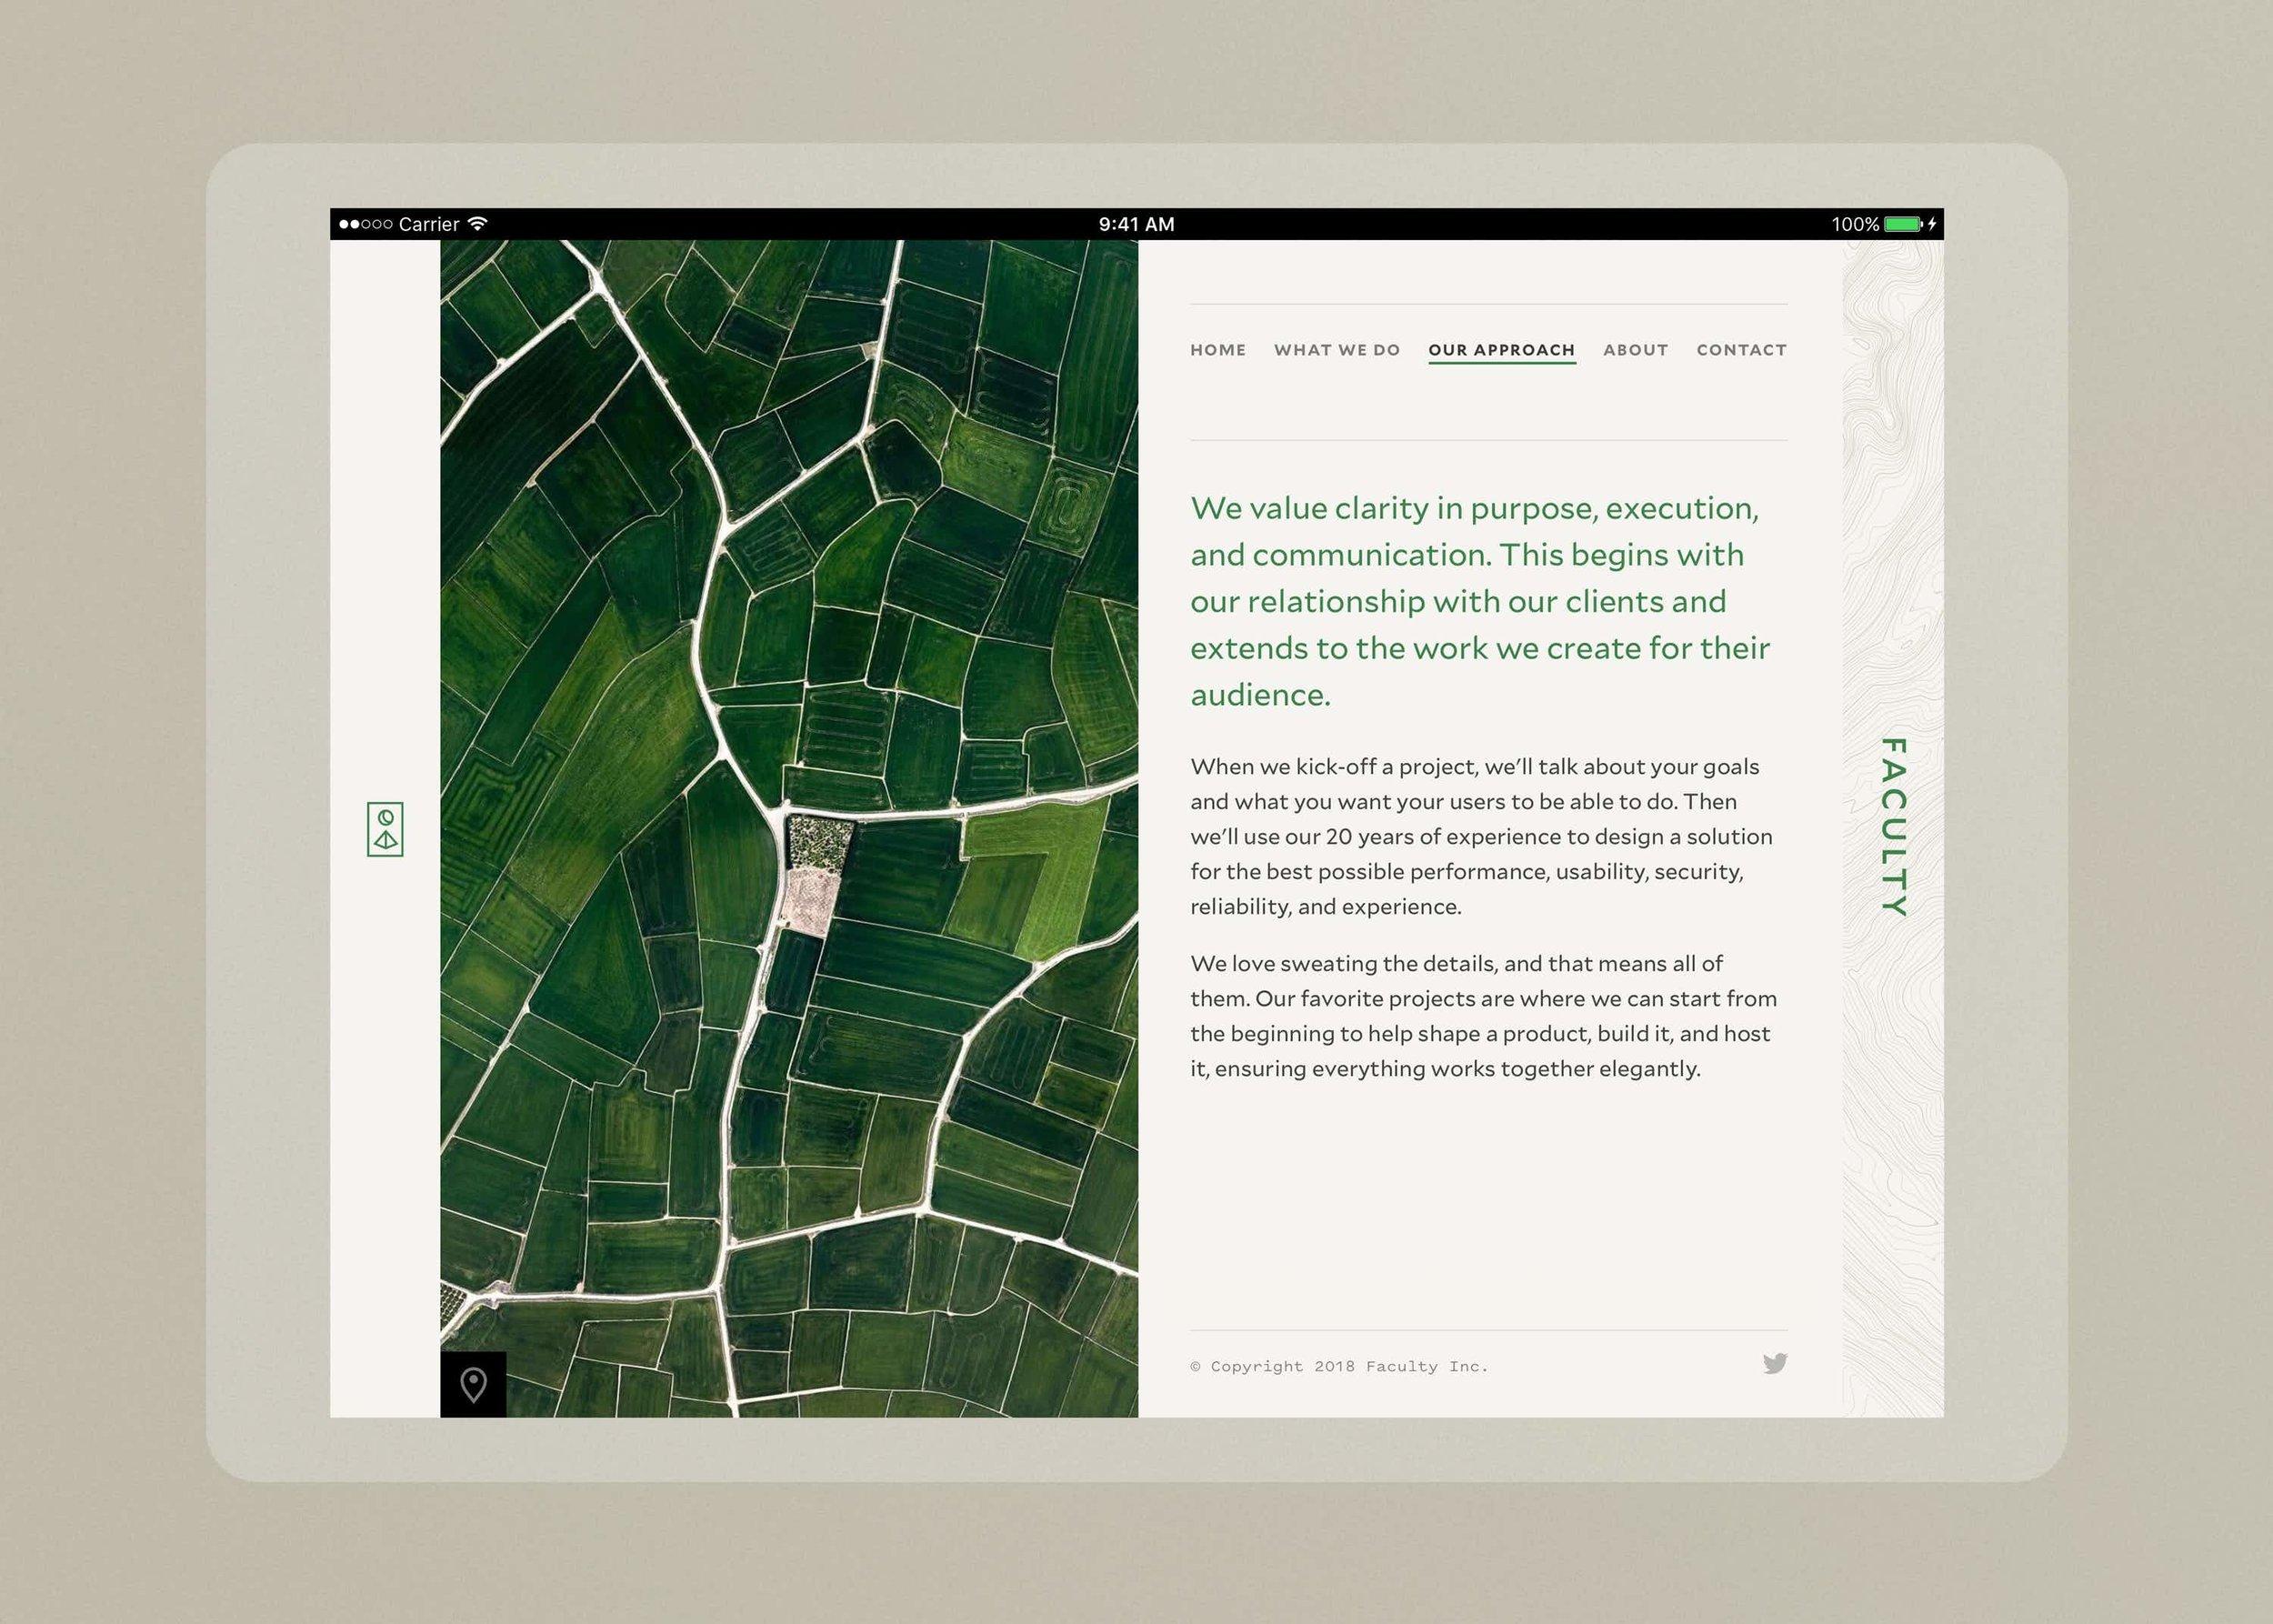 faculty-site-desktop-about-3000w.jpg